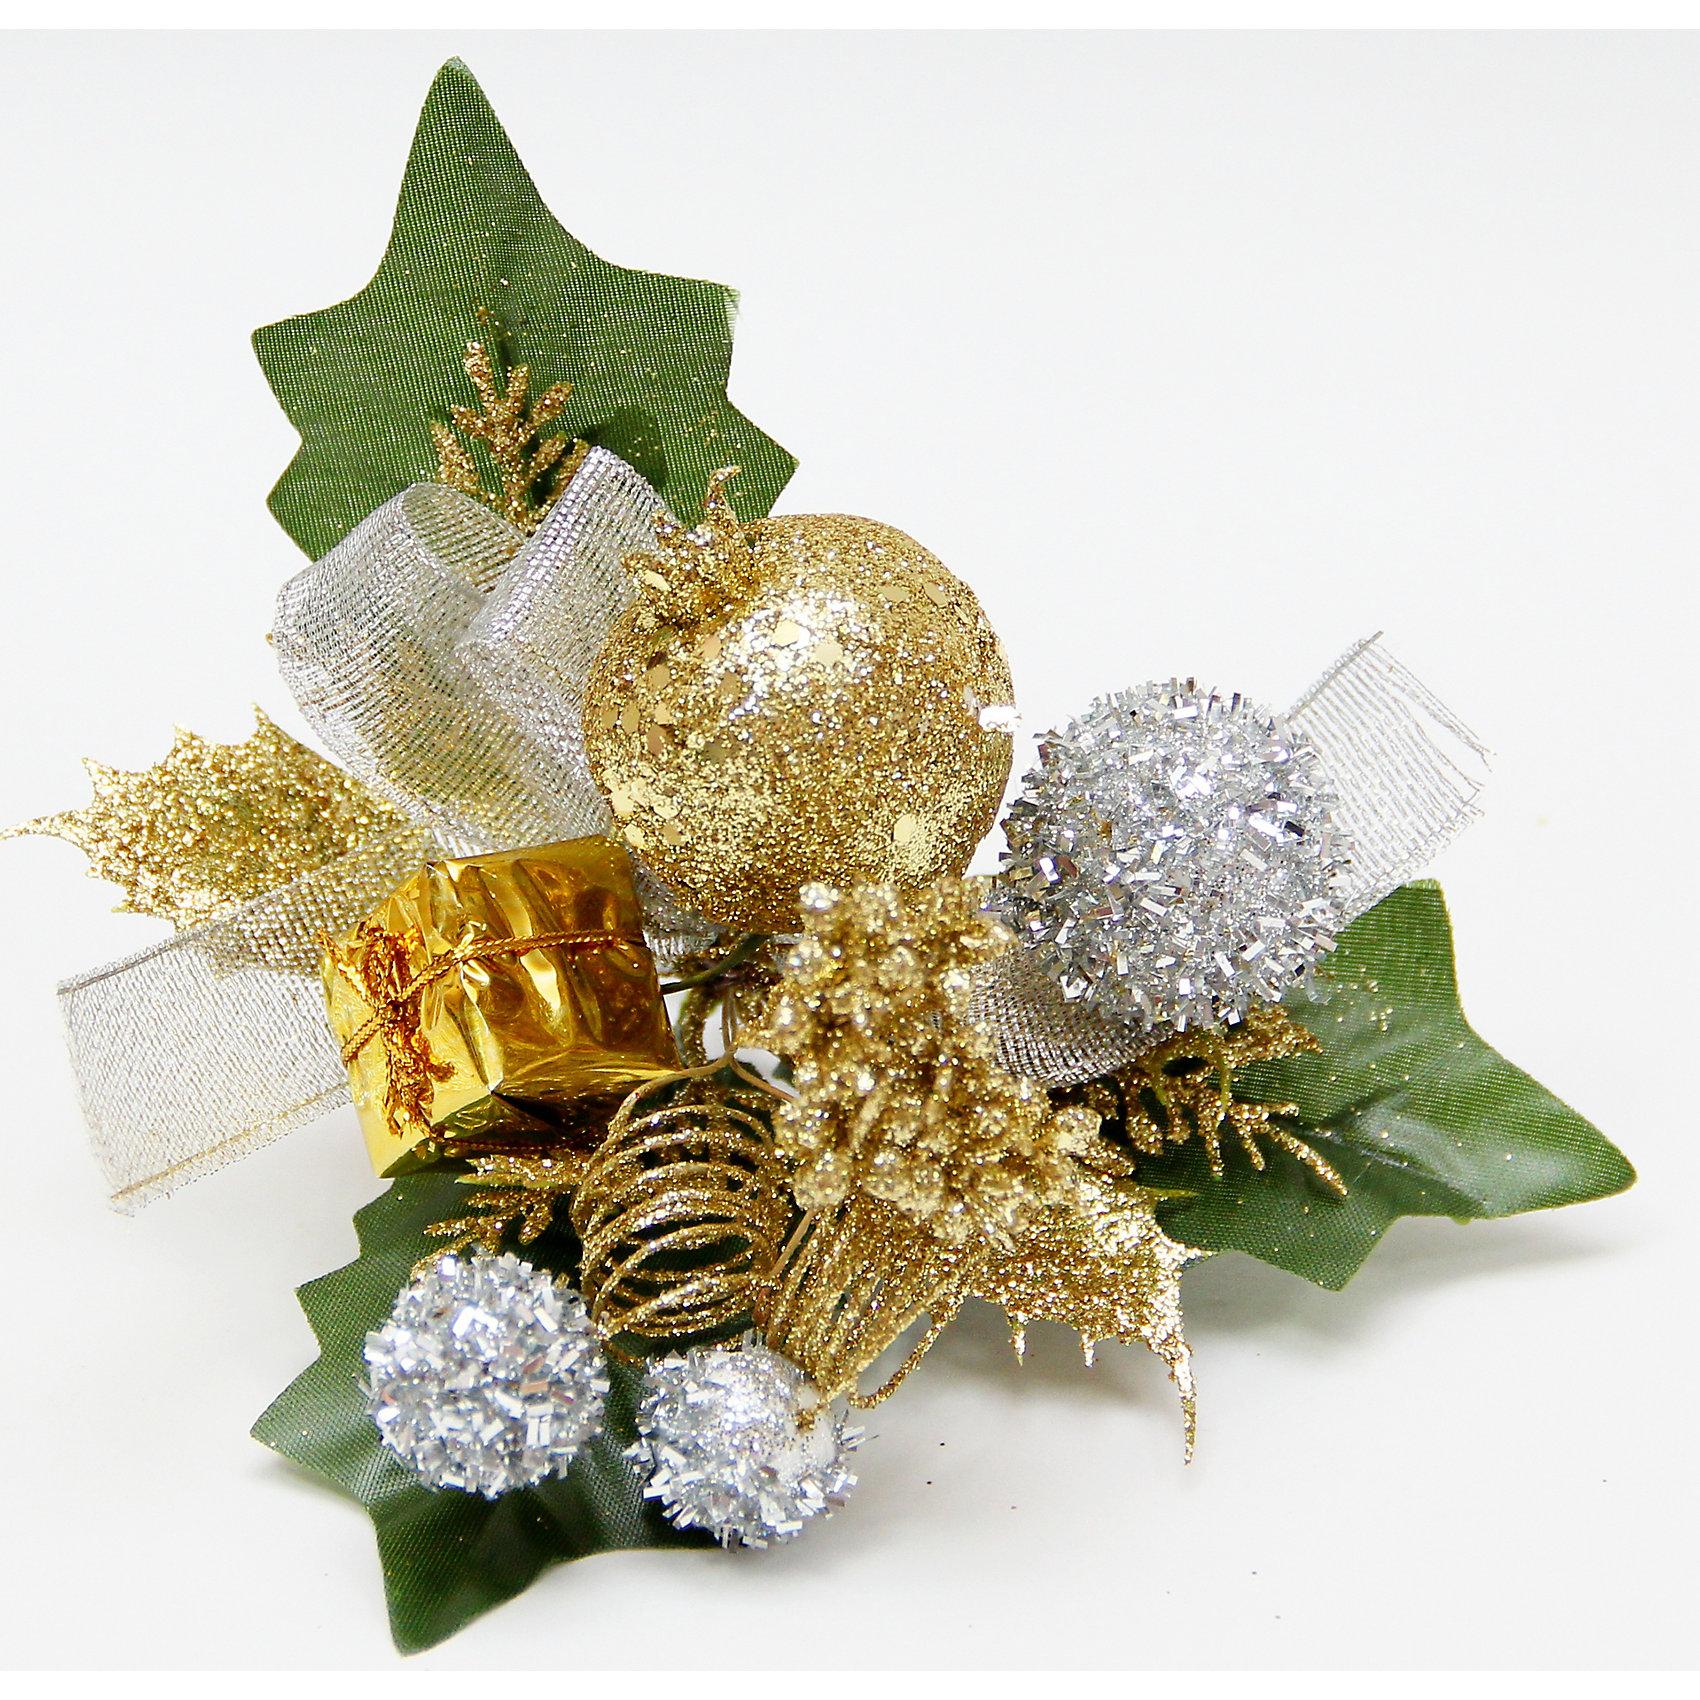 Украшение новогоднее Ягоды золото с серебром из пвх на клипсеУкрашение новогоднее Ягоды золото-серебряные арт.42506 из пвх на клипсе / 15x15<br><br>Ширина мм: 150<br>Глубина мм: 150<br>Высота мм: 10<br>Вес г: 2<br>Возраст от месяцев: 60<br>Возраст до месяцев: 600<br>Пол: Унисекс<br>Возраст: Детский<br>SKU: 5144582